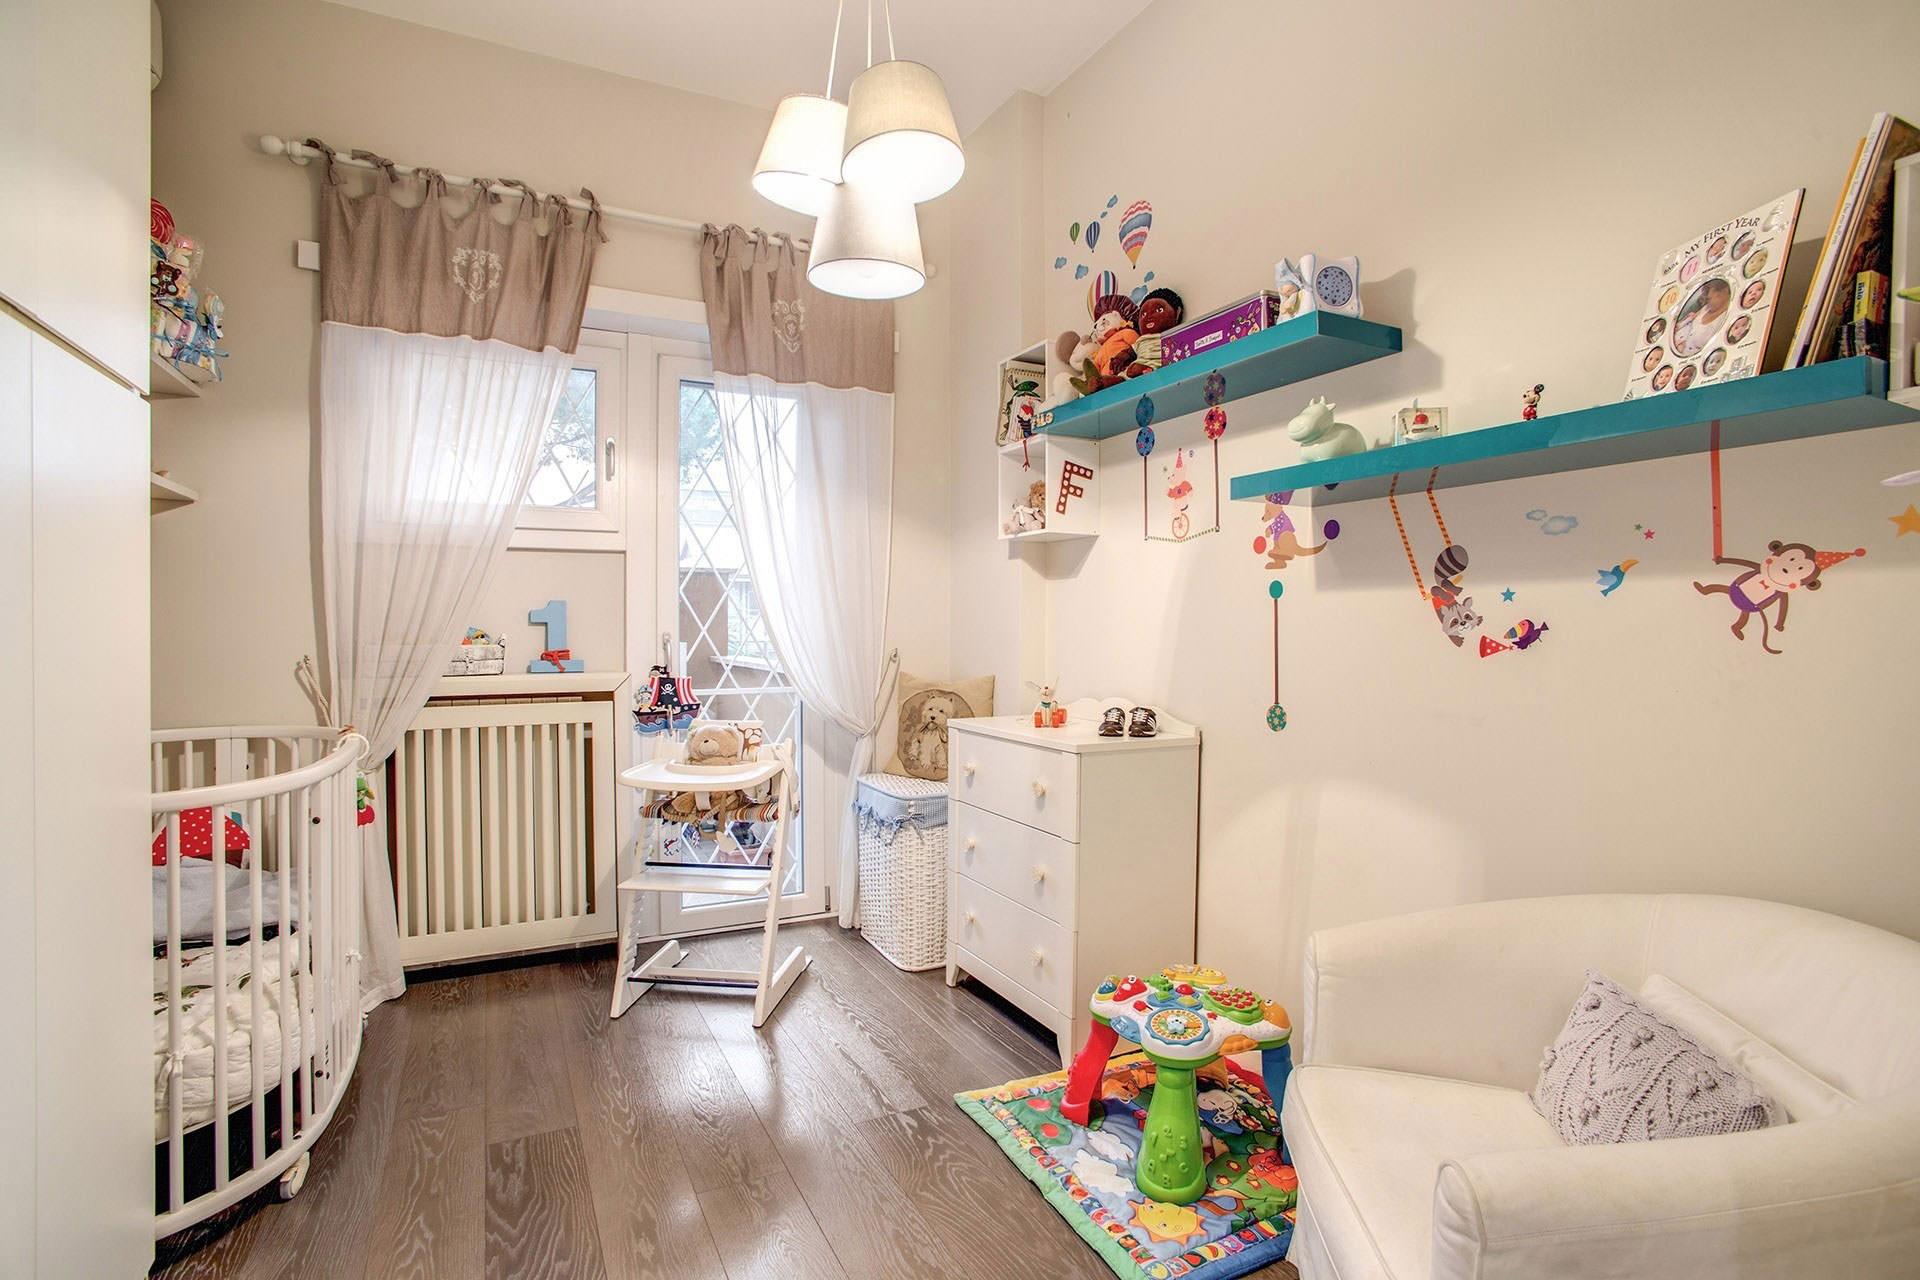 komforten-apartament-sas-sempal-dizain-v-rim-914g